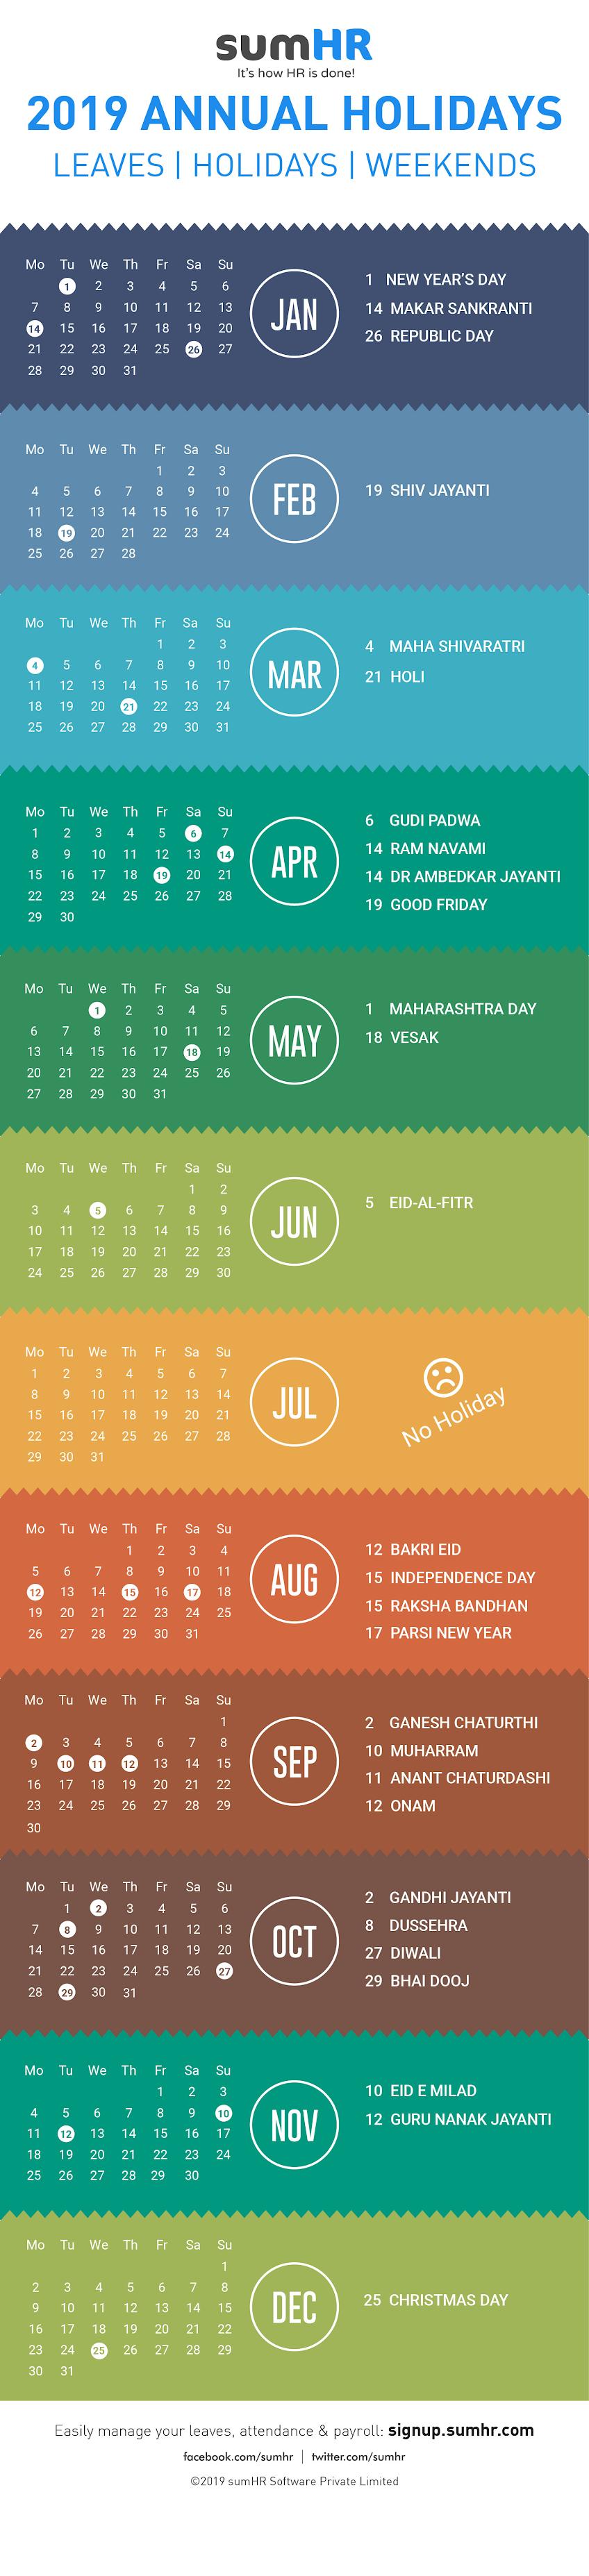 holiday calendar list 2019